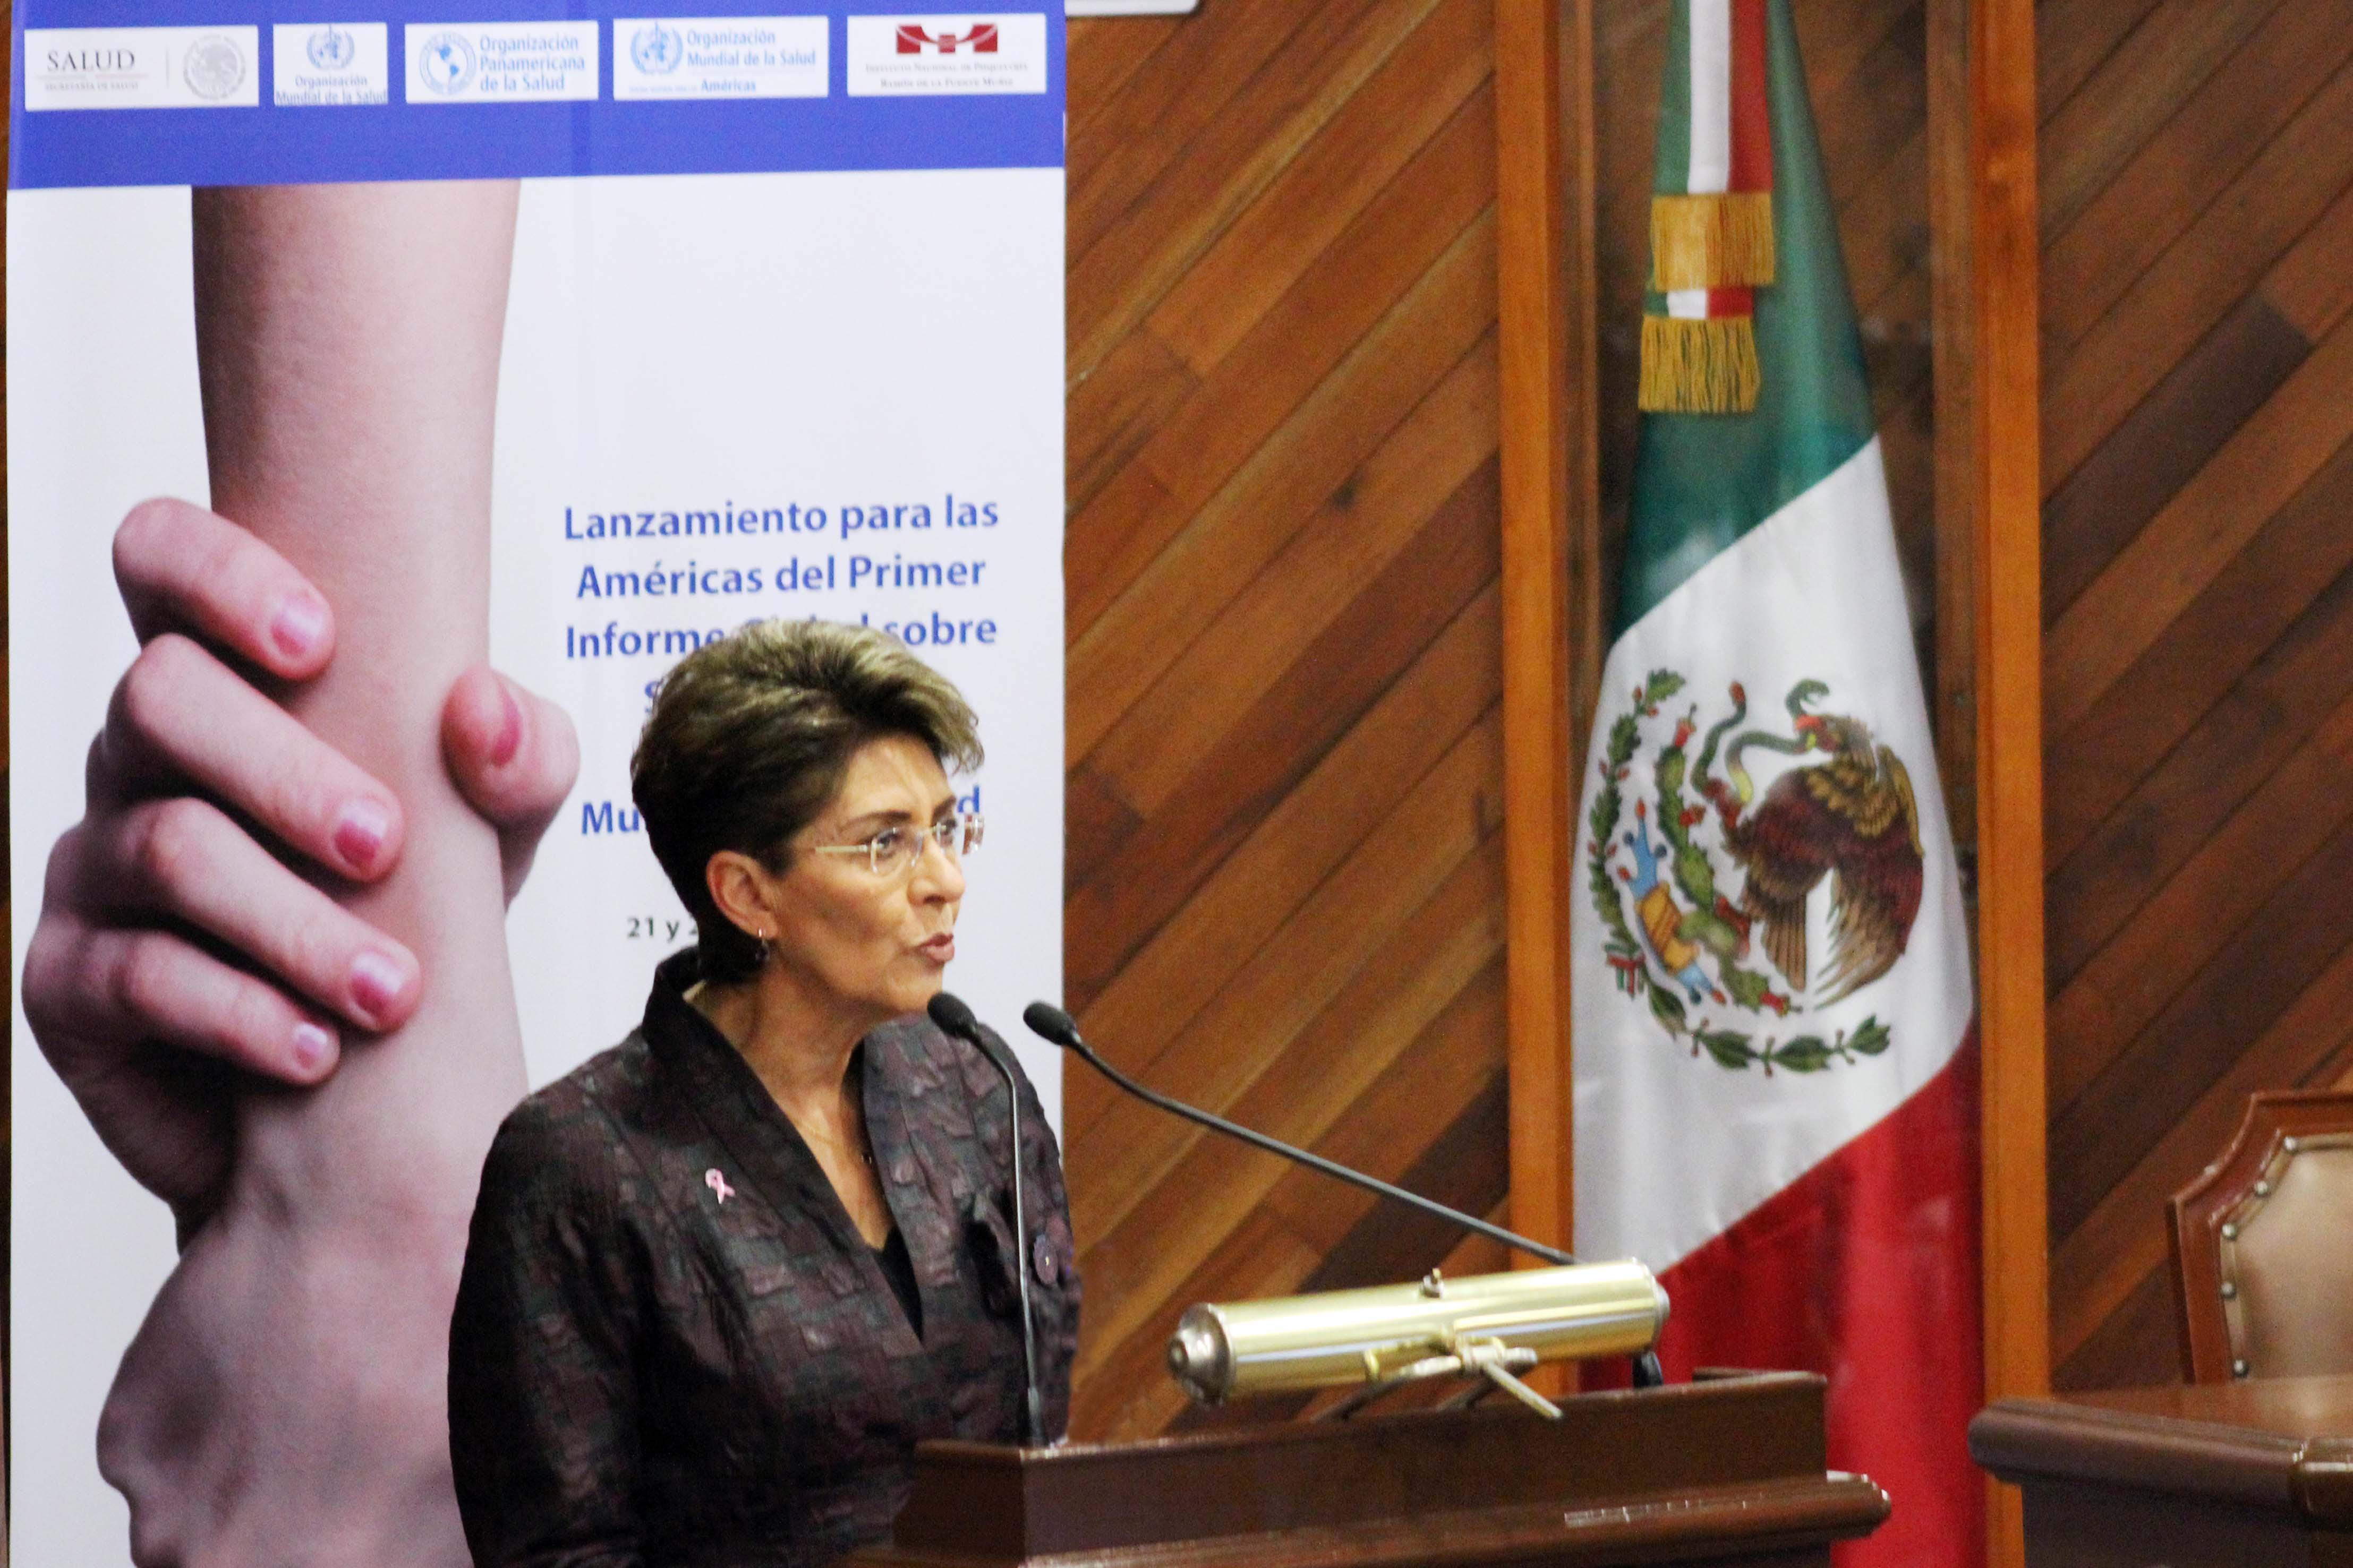 LANZAMIENTO PARA LAS AM RICAS DEL PRIMER INFORME GLOBAL SOBRE SUICIDIO DE LA OMS 211014  9 .jpg